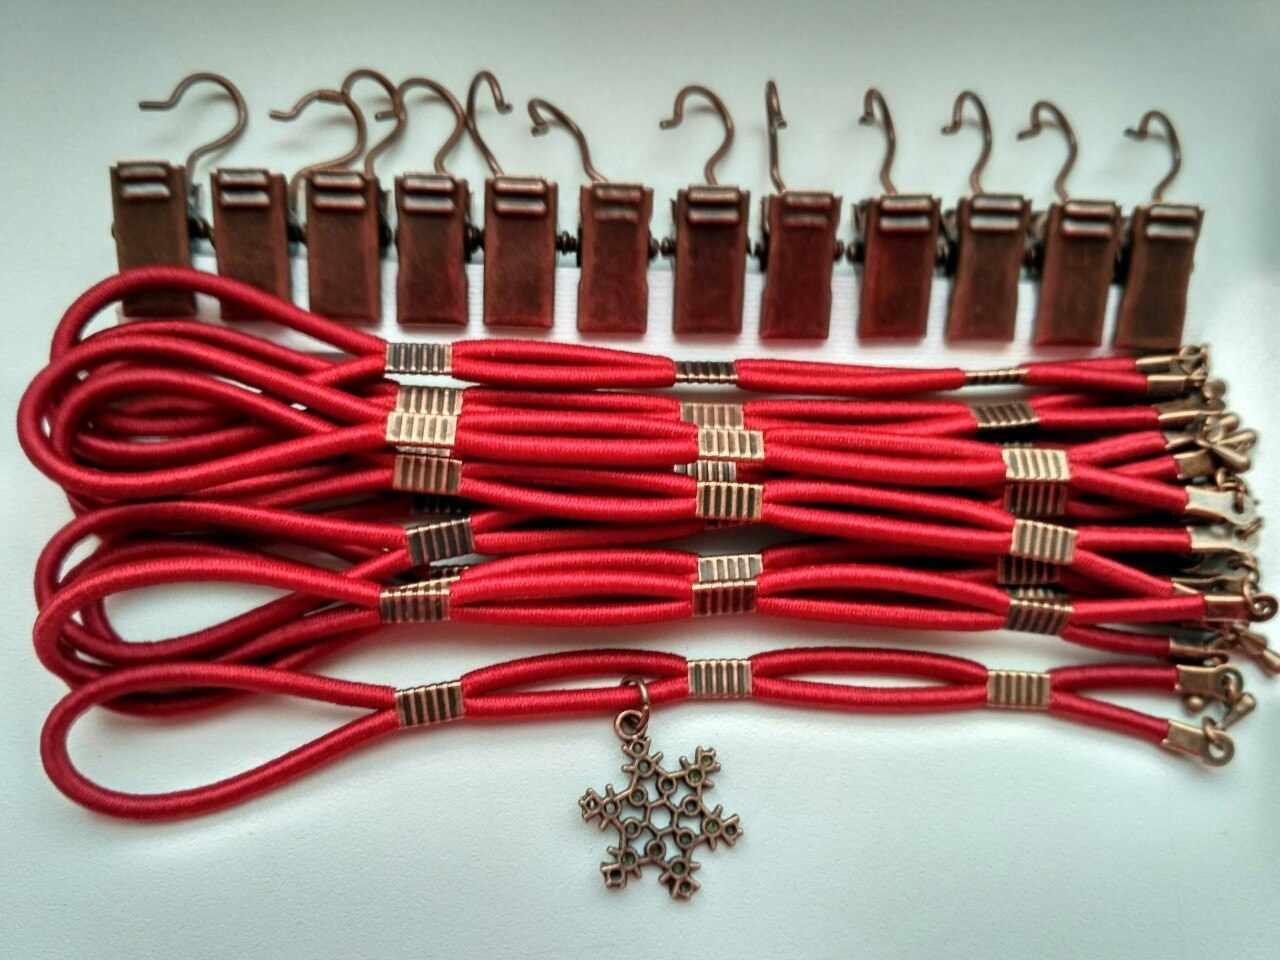 005021 Боковая натяжка плотная, рубиновый закат